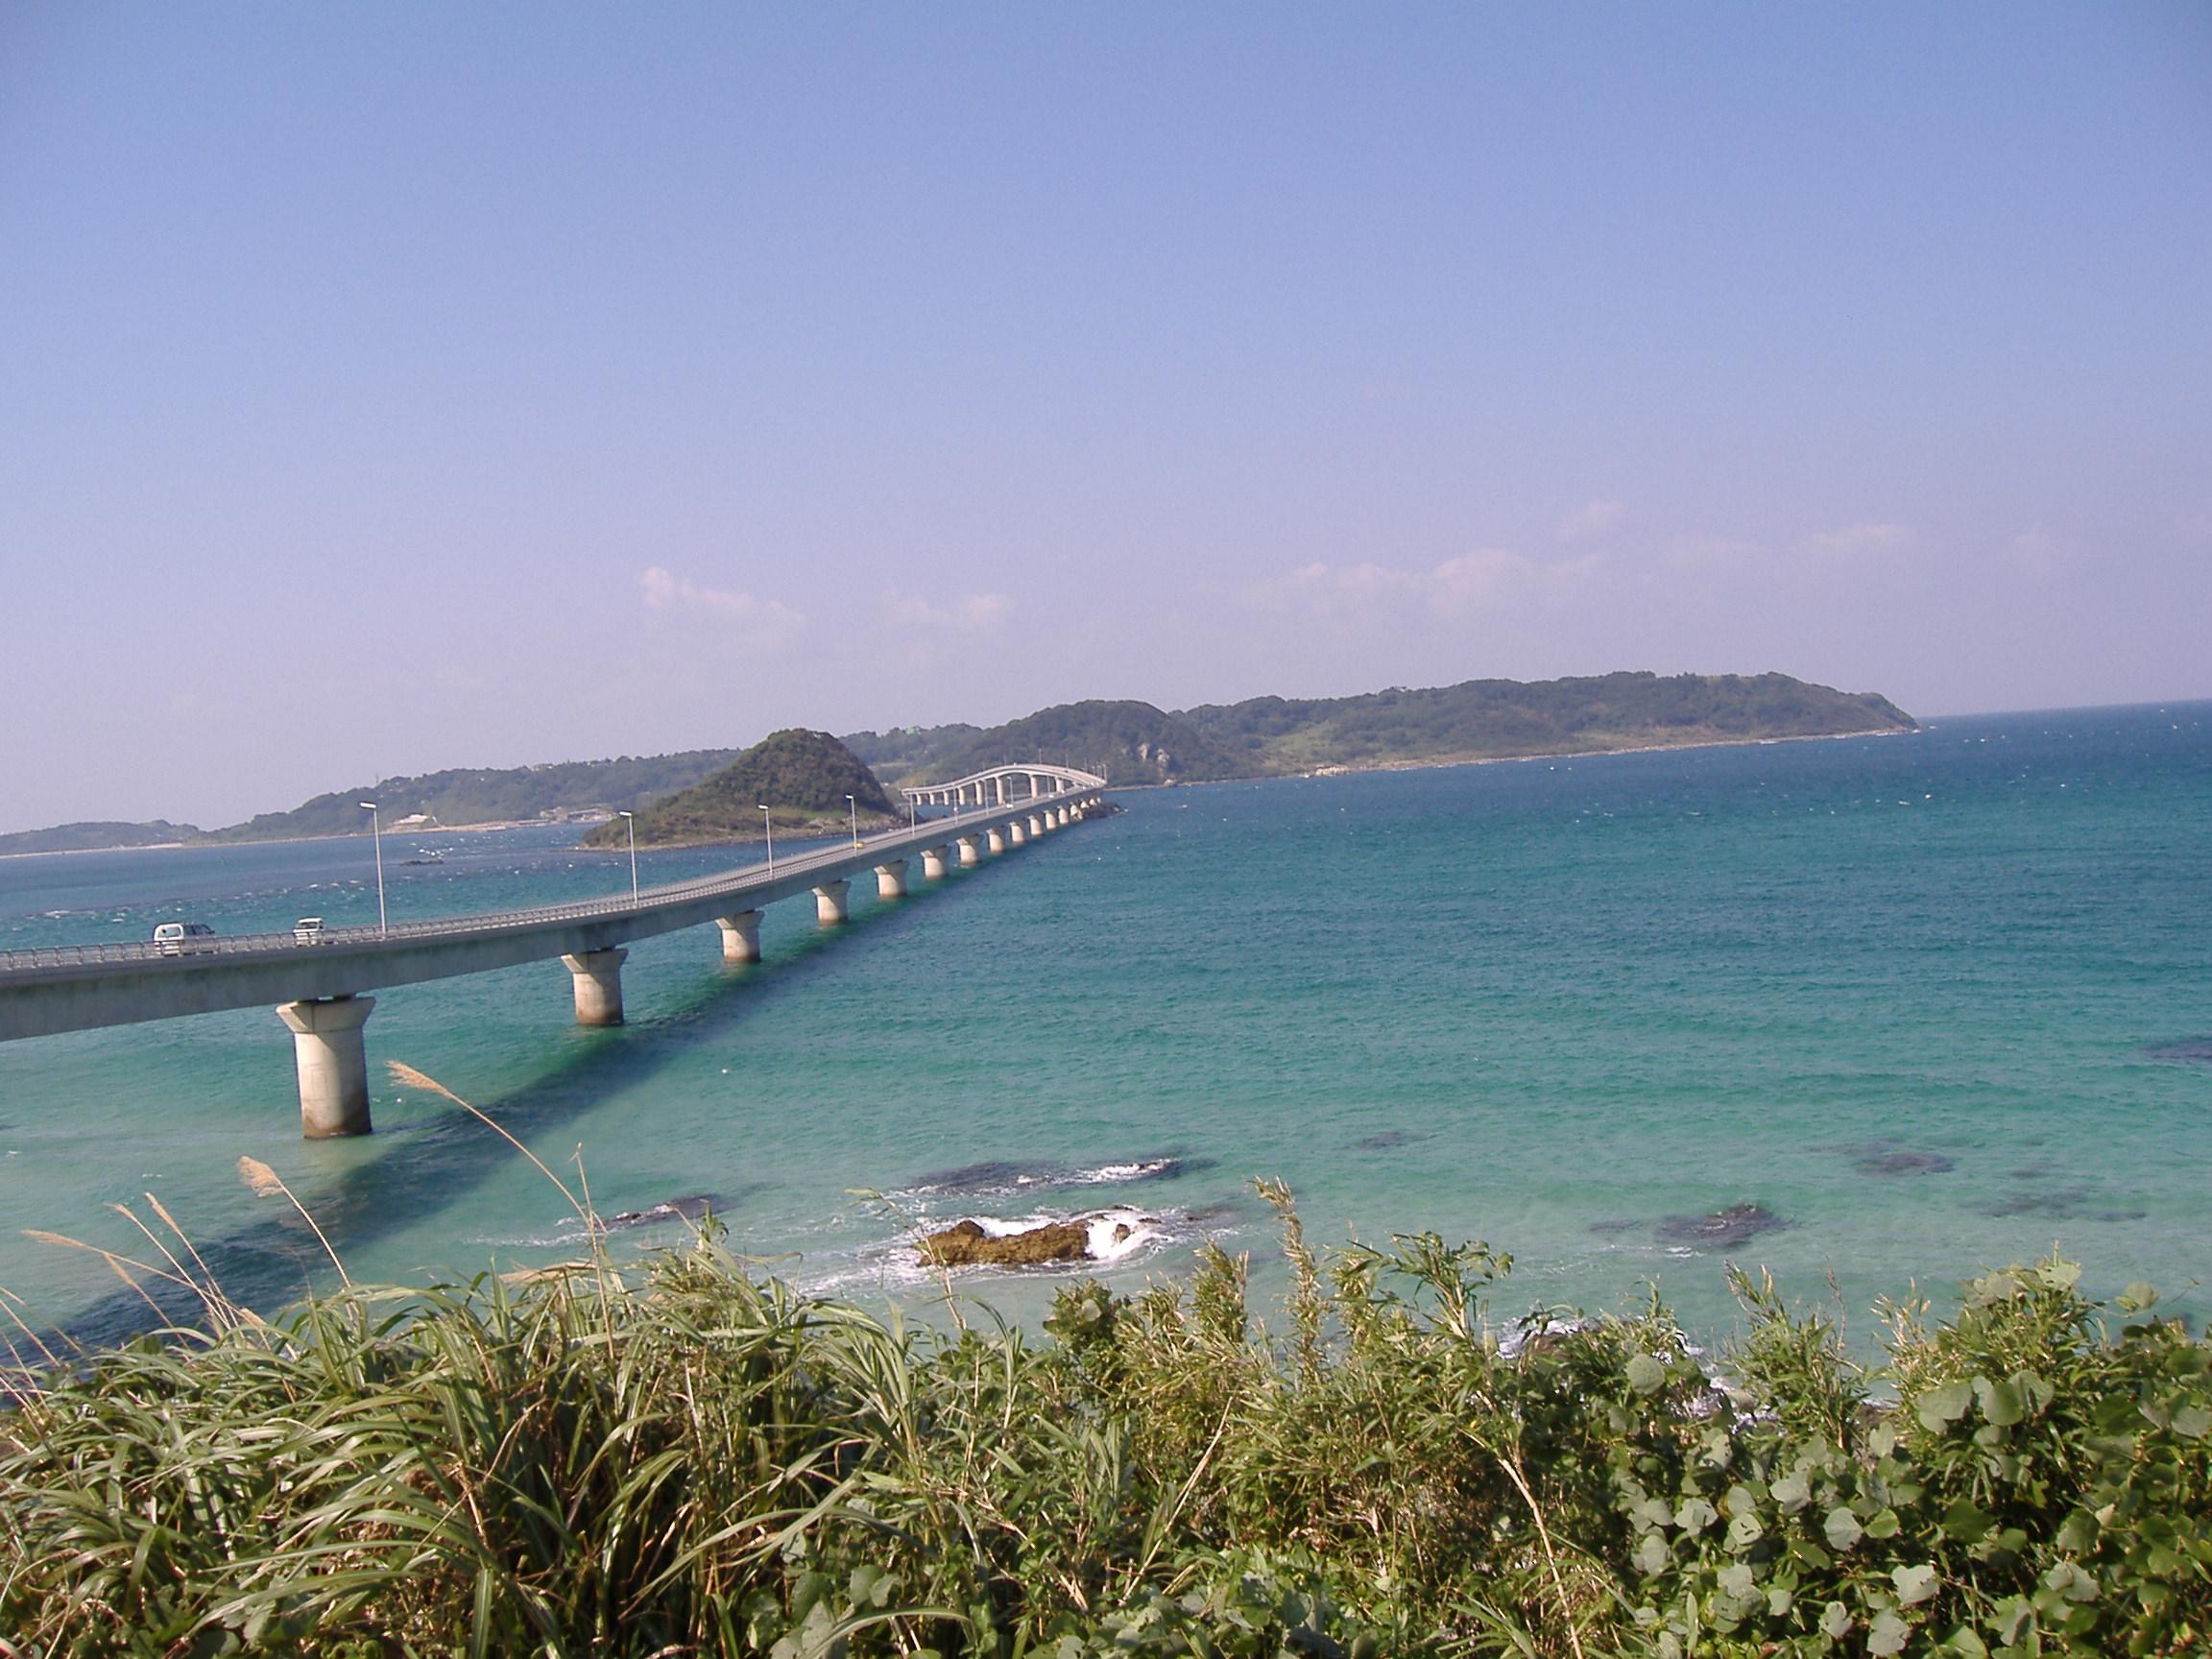 下関おすすめ観光地ランキングTOP15!人気の有名スポットを一挙ご紹介!